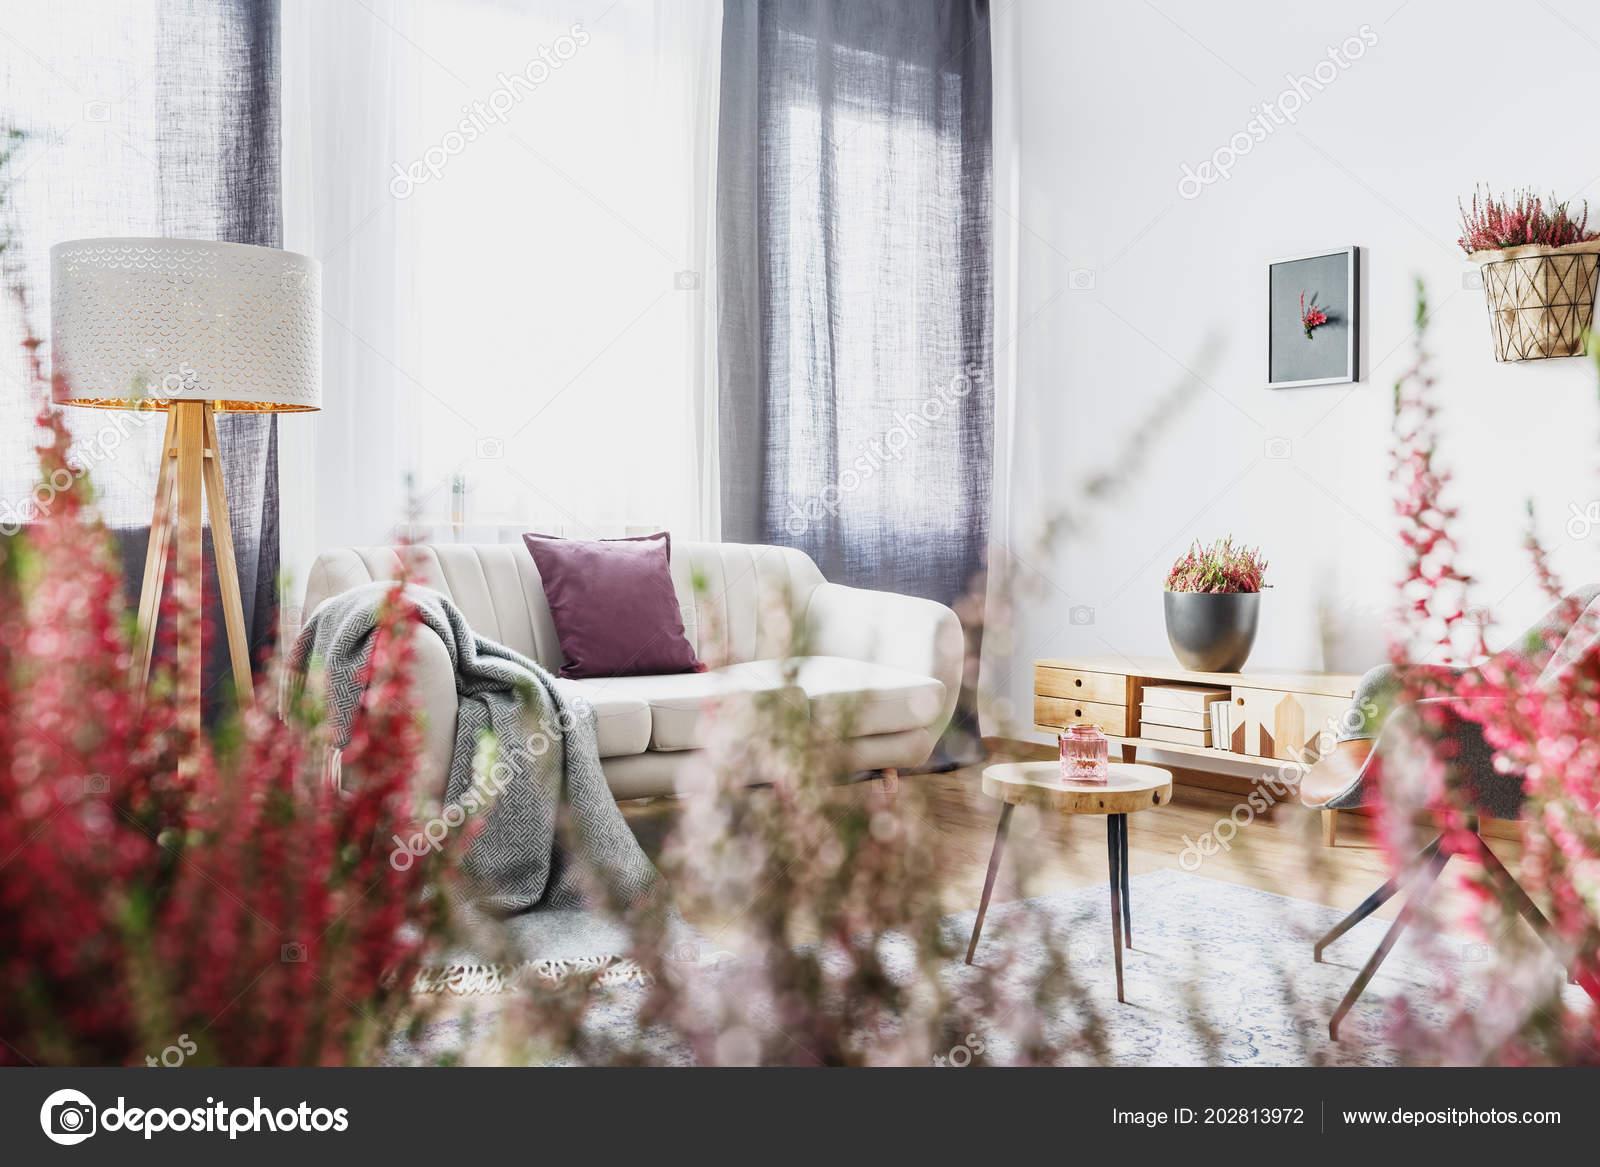 Blauen Vorhang Hinter Beige Sofa Mit Lila Kissen Wohnzimmer ...